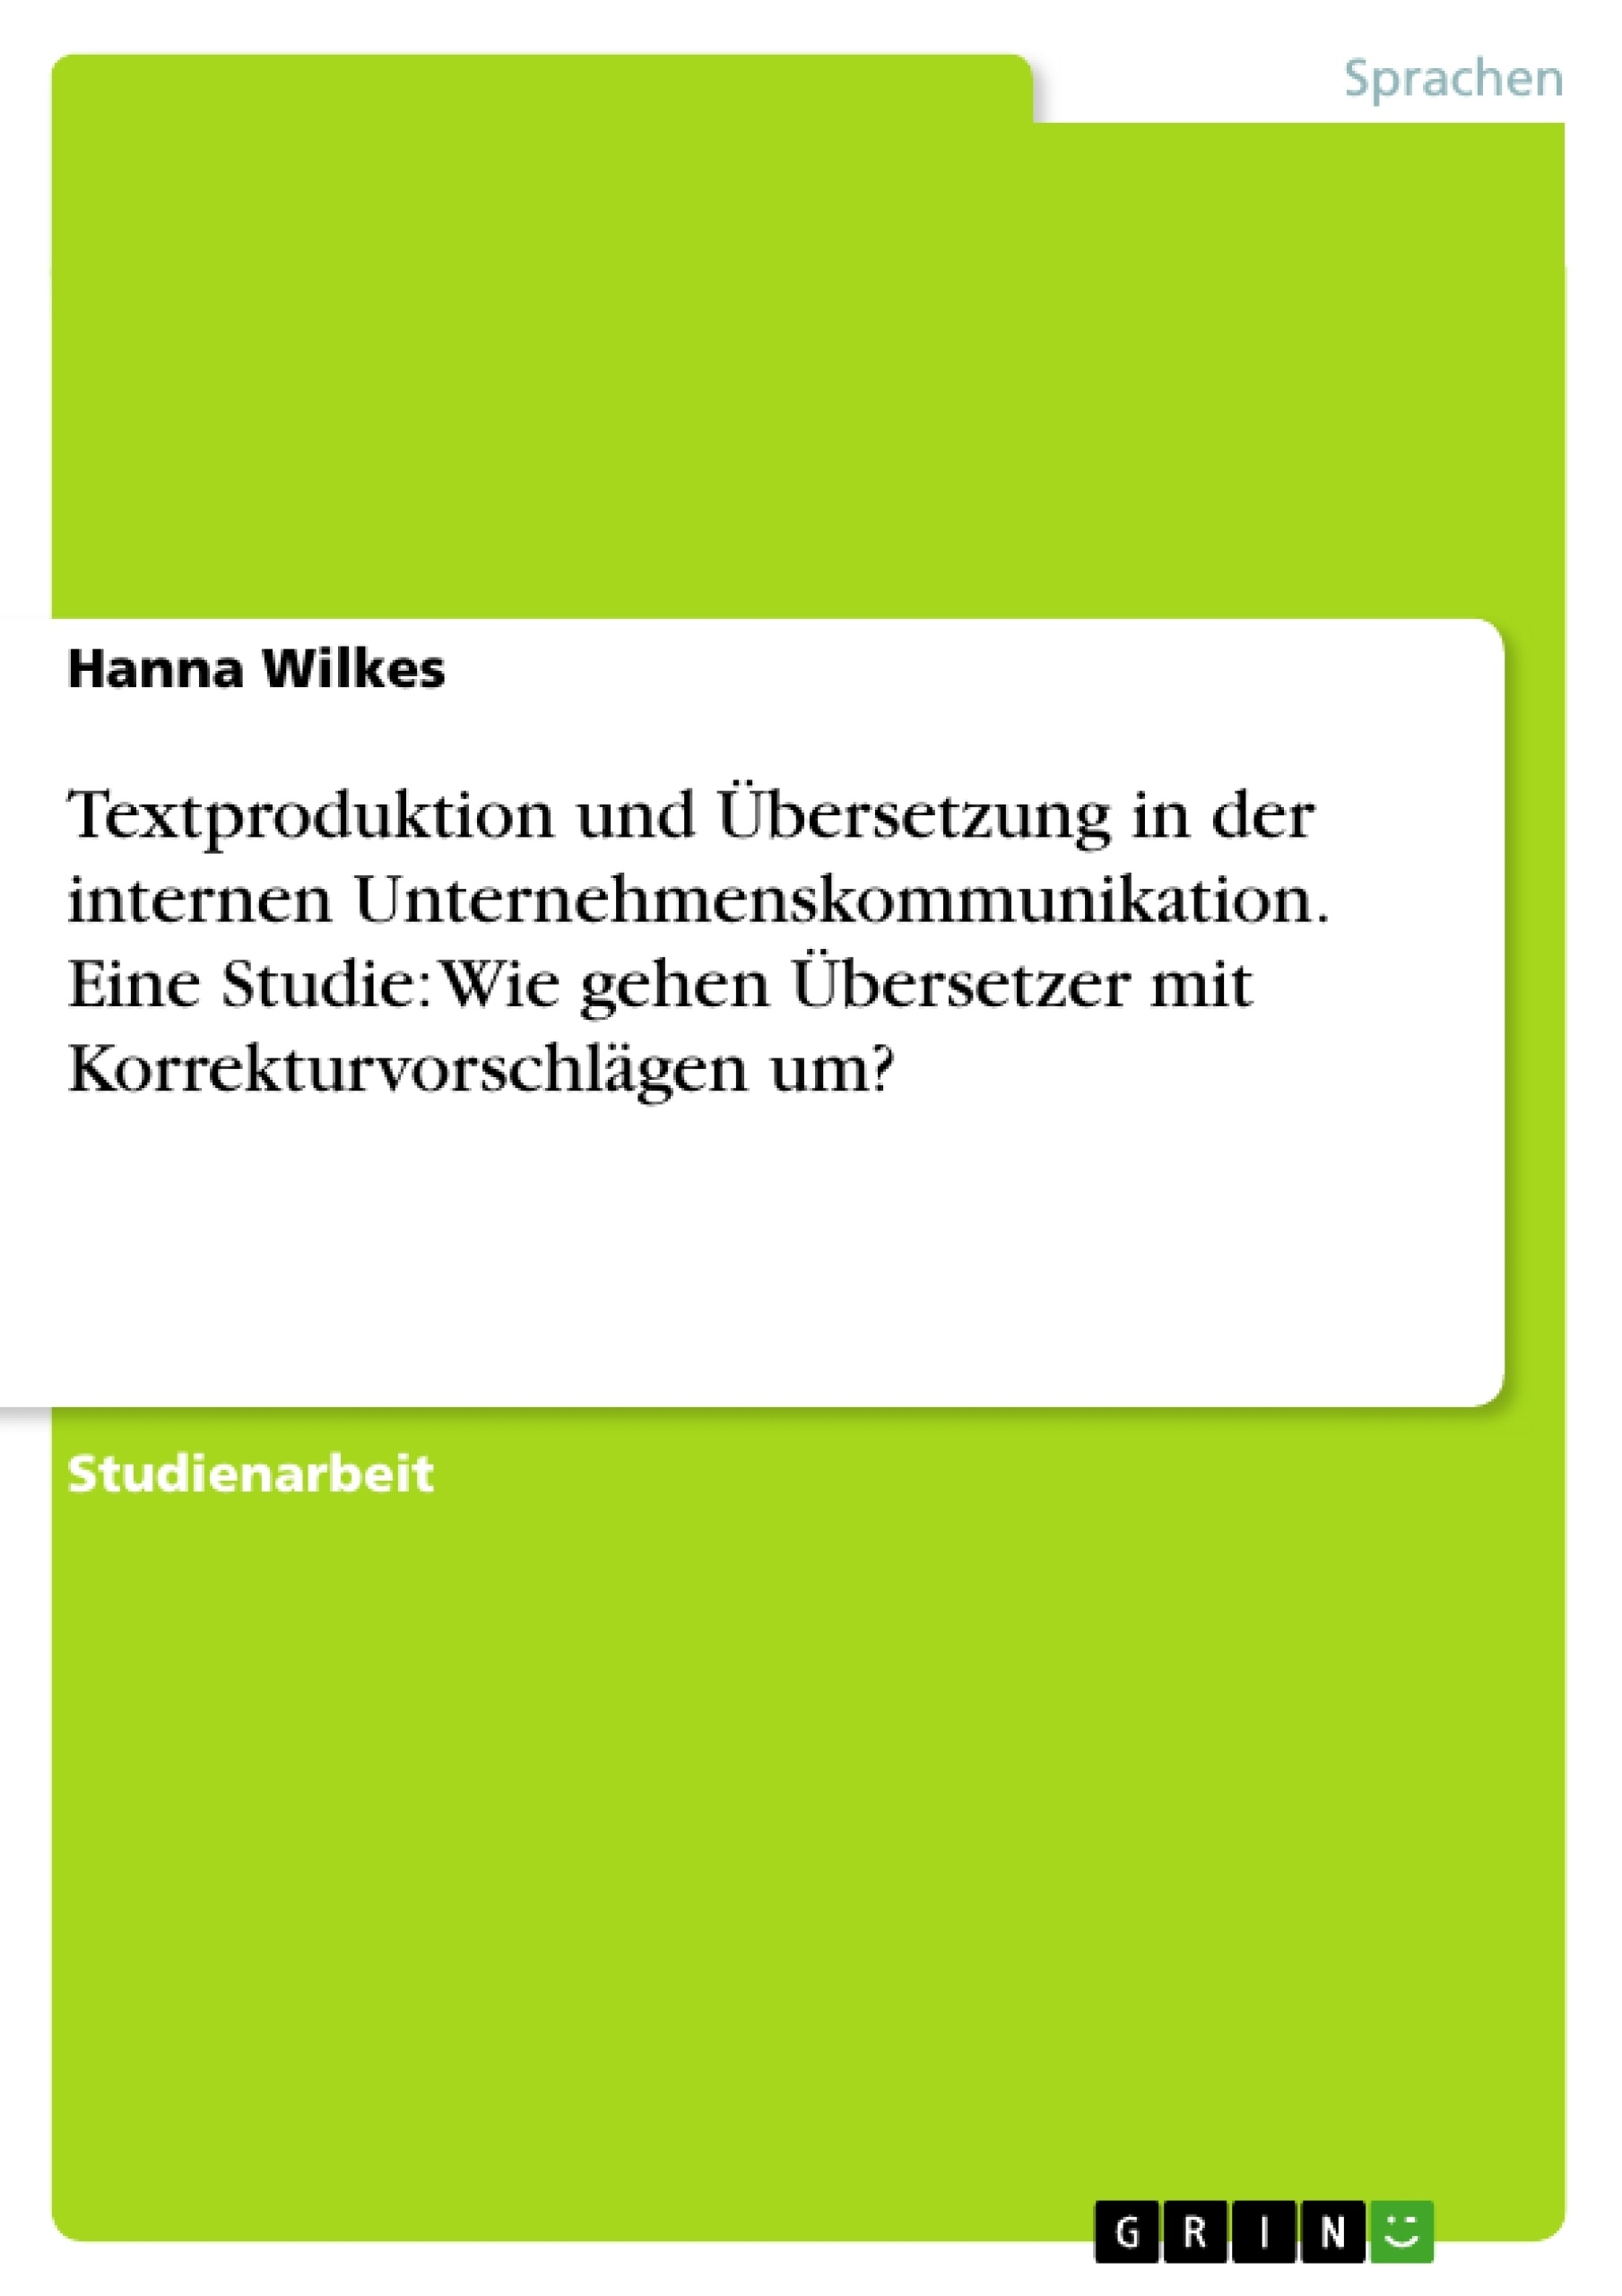 Titel: Textproduktion und Übersetzung in der internen Unternehmenskommunikation. Eine Studie: Wie gehen Übersetzer mit Korrekturvorschlägen um?